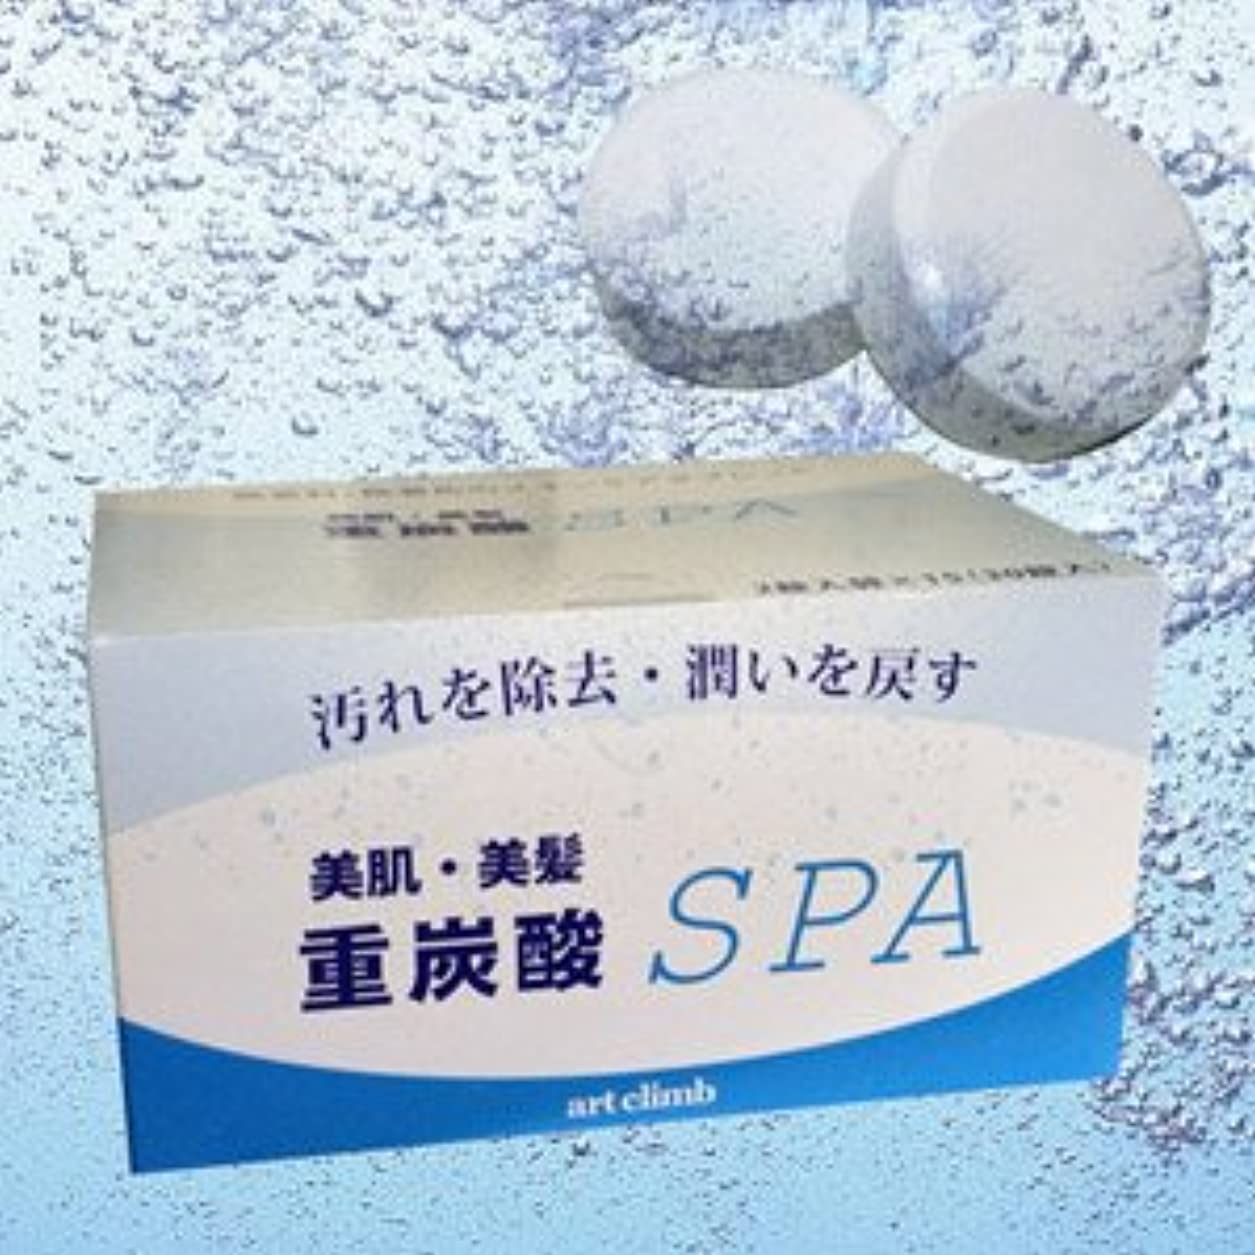 完璧ケイ素パトワ炭酸泉タブレット 重炭酸SPA 16g x 36錠入り